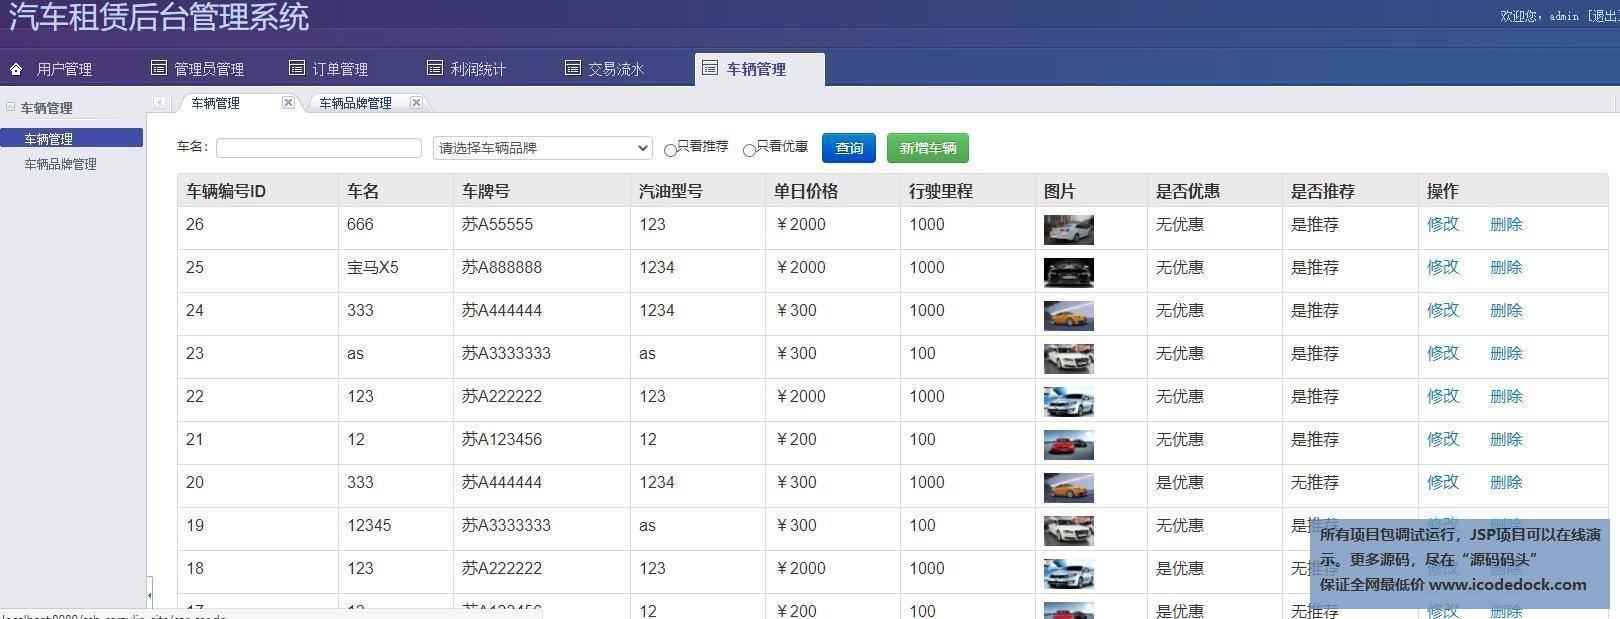 源码码头-SSH汽车出租平台租赁网站平台-管理员角色-车辆管理